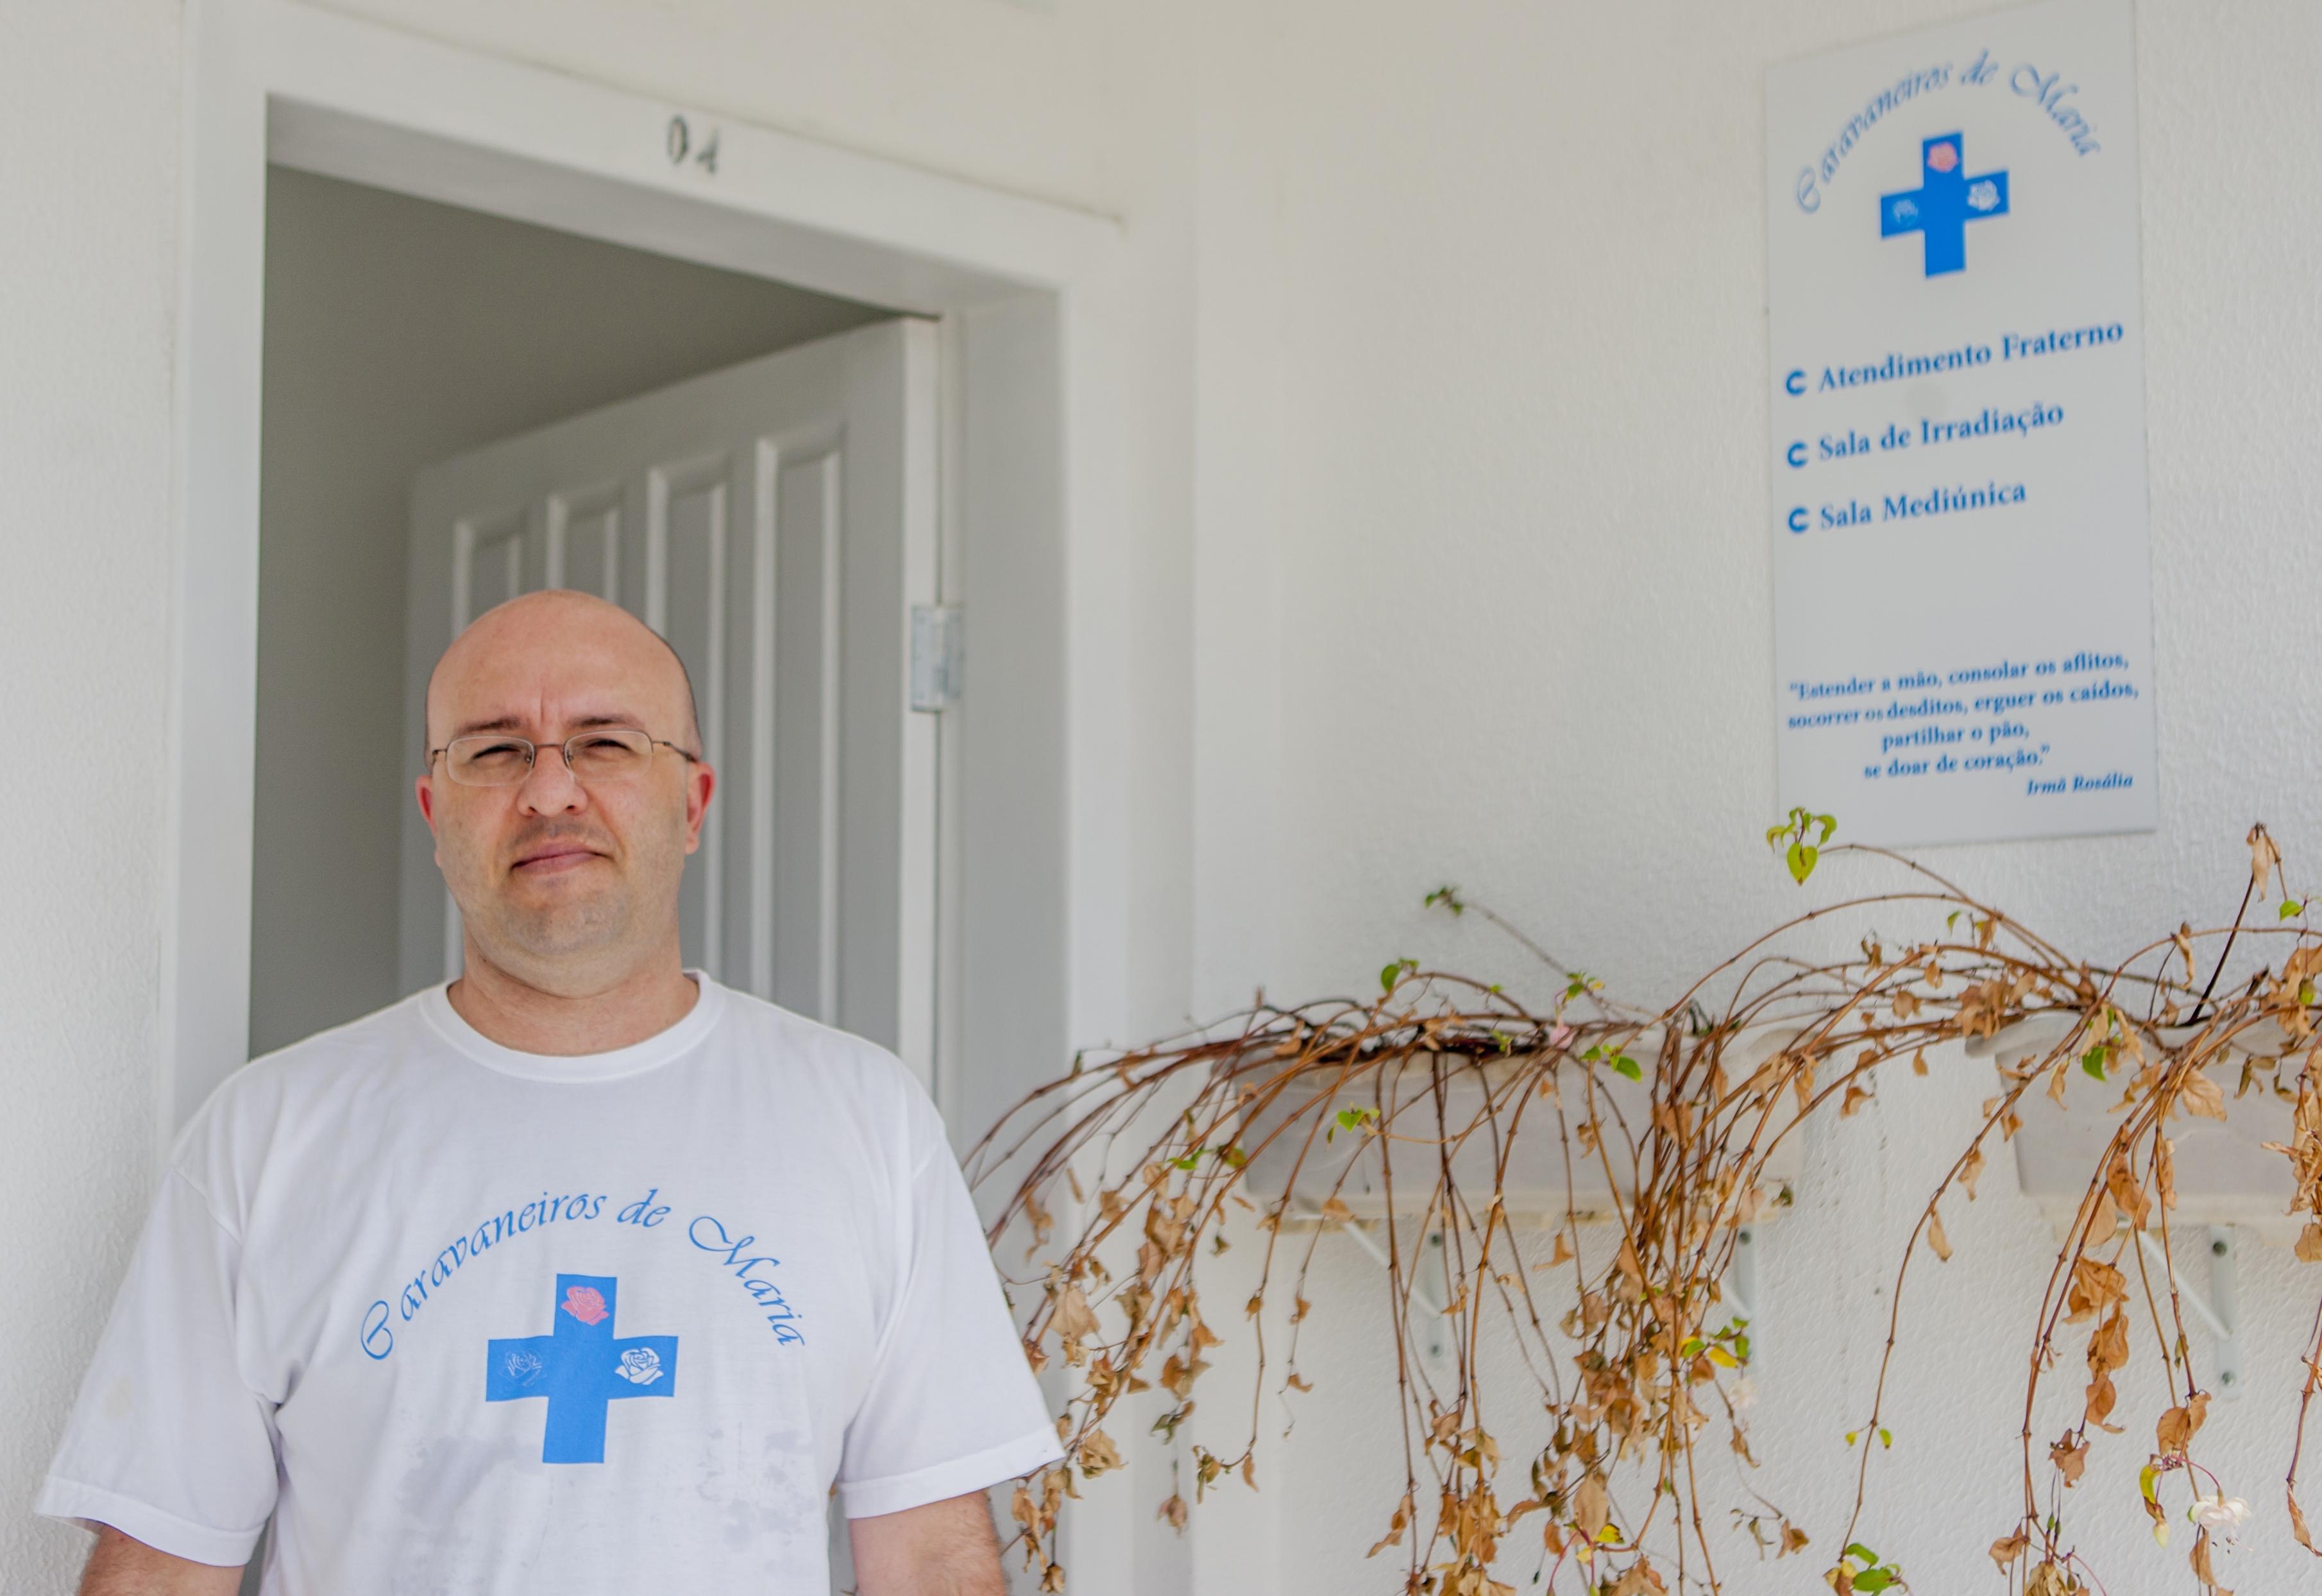 Augusto faz questão de ajudar aqueles que passam os dias nas ruas - Flávio Tin/ND